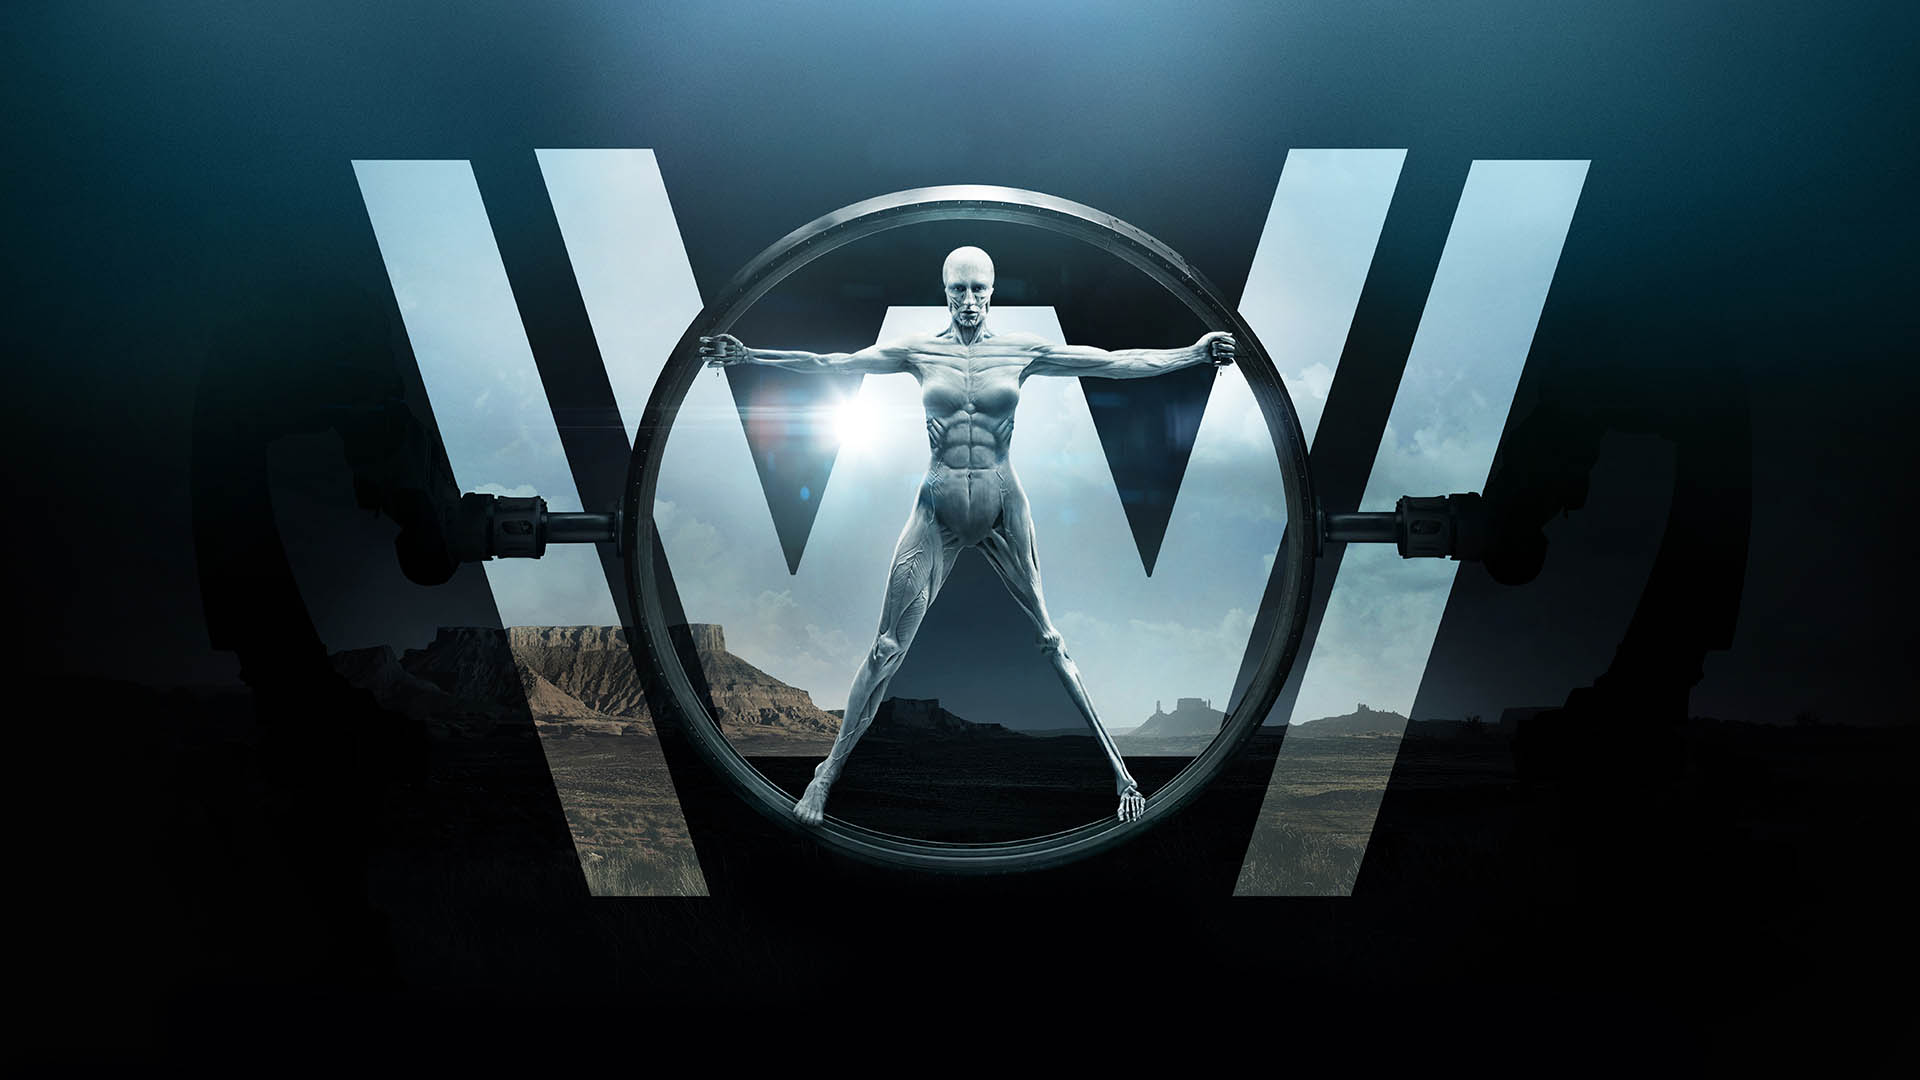 westworld-s1-1920x1080